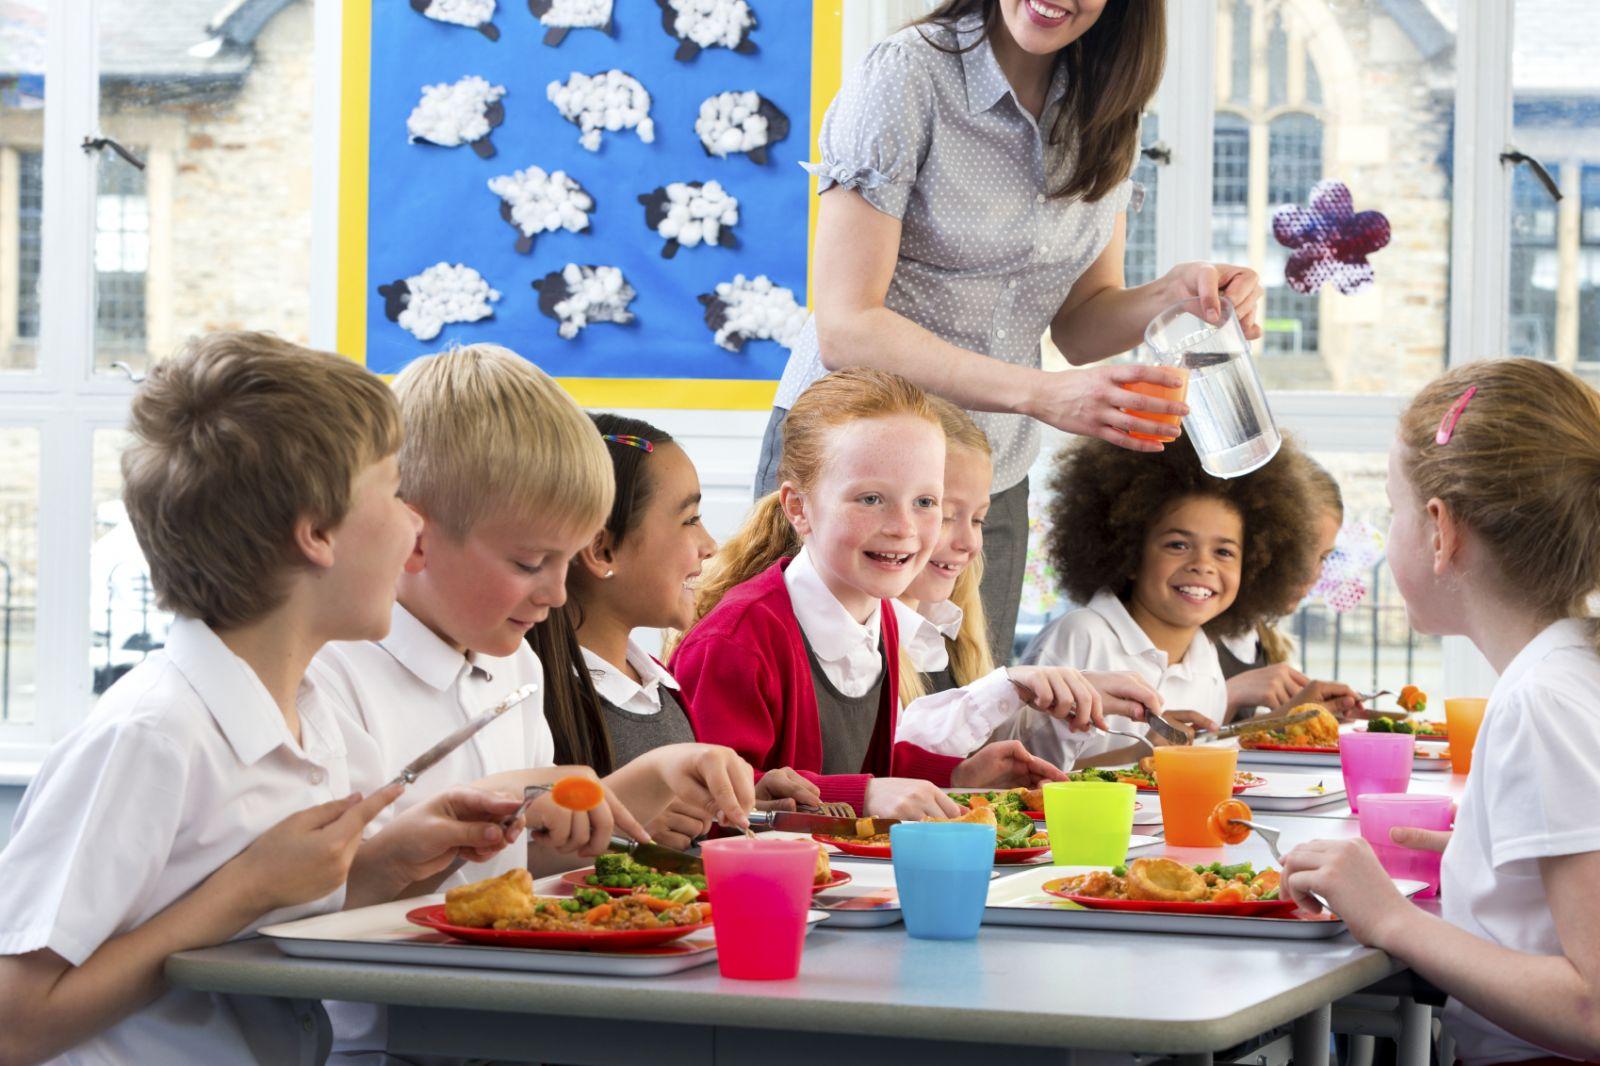 okul cagi cocuklarinda beslenme 0 - OKULDA EVDEN YEMEK GÖTÜRÜLÜREK NASIL BESLENİLİR?